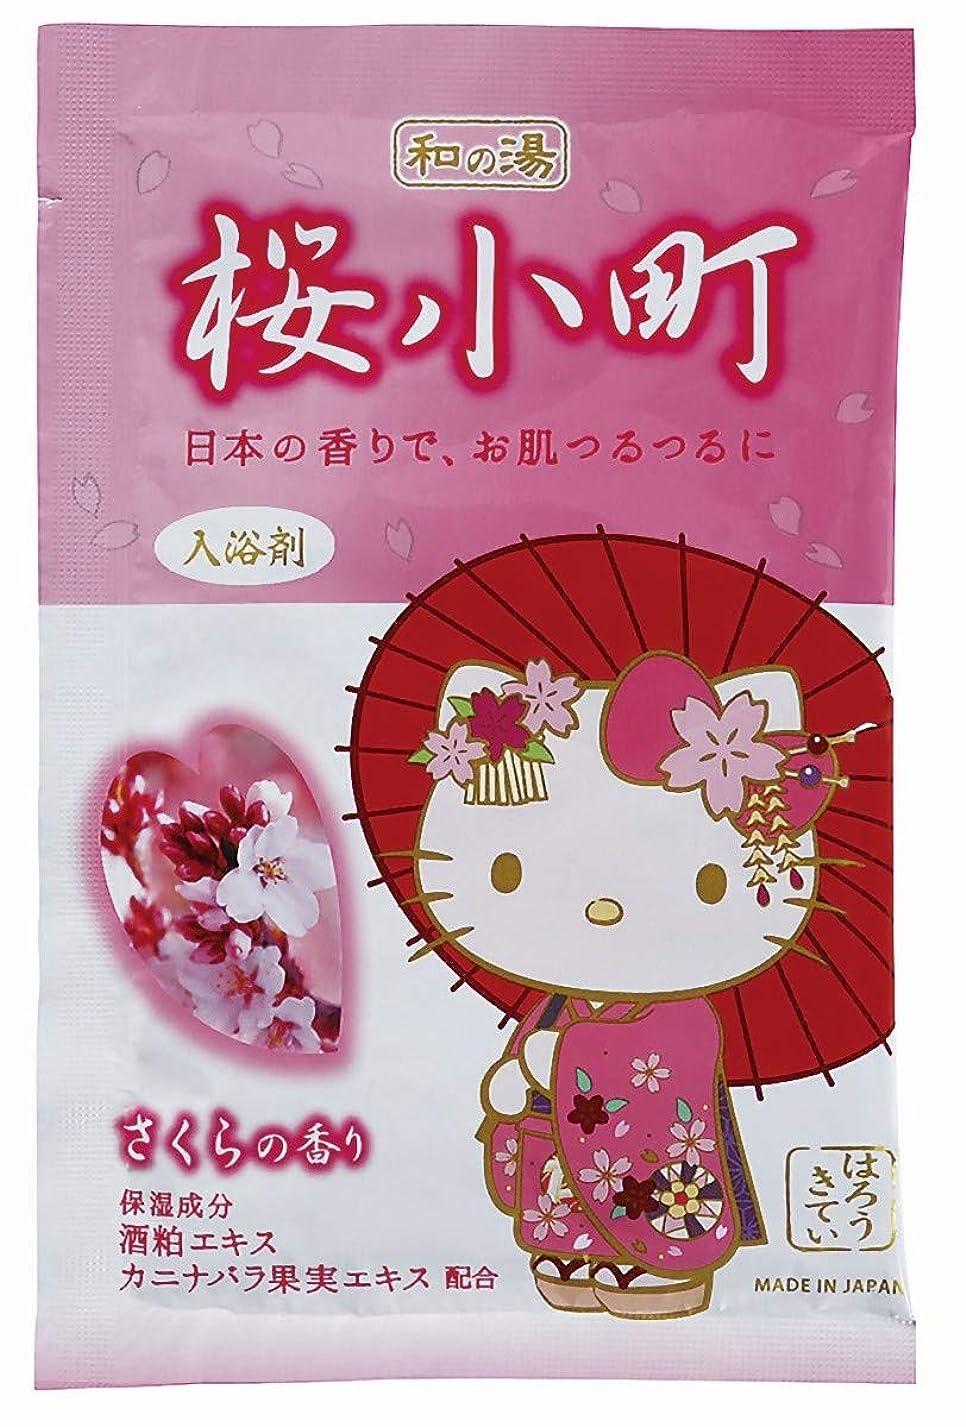 解任フレッシュビリー日本製 made in japan ハローキティ桜小町 N-8722【まとめ買い12個セット】